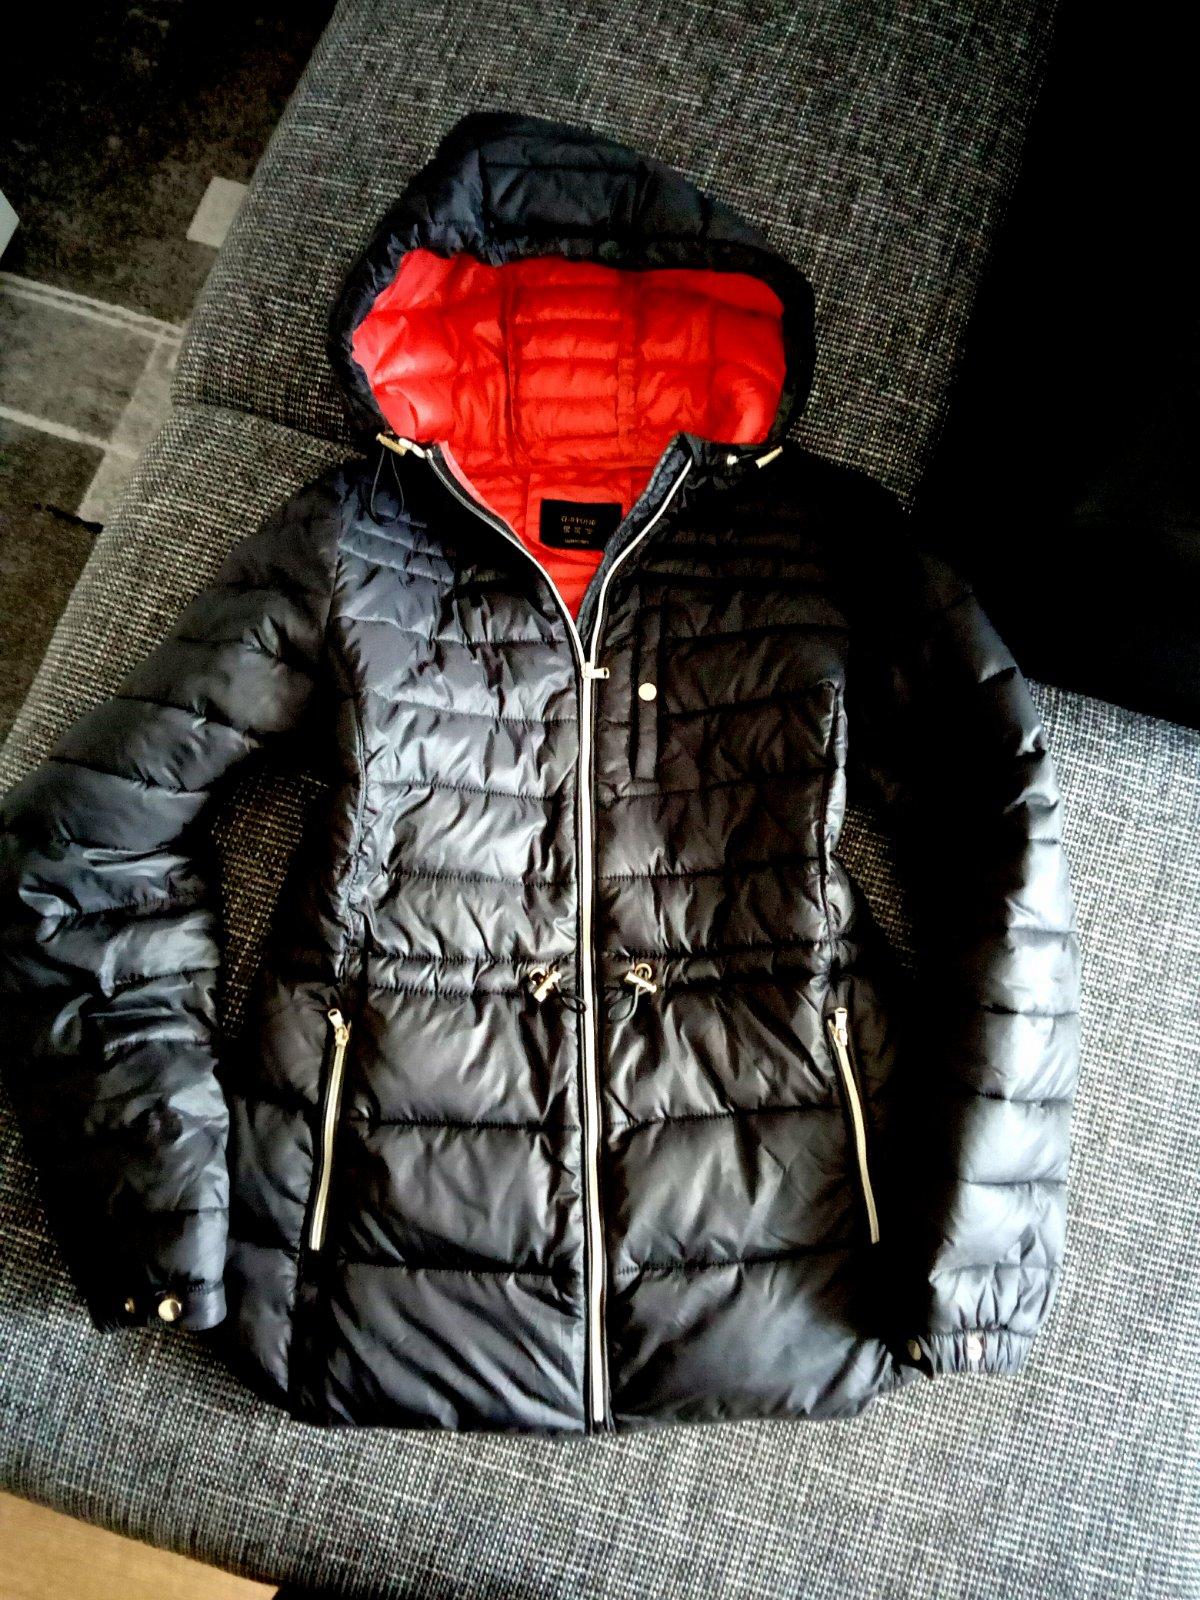 8269a1a79 Moderna damska bunda na jar/jesen, m - 20 € od predávajúcej tatkoamamka |  Detský bazár | ModryKonik.sk